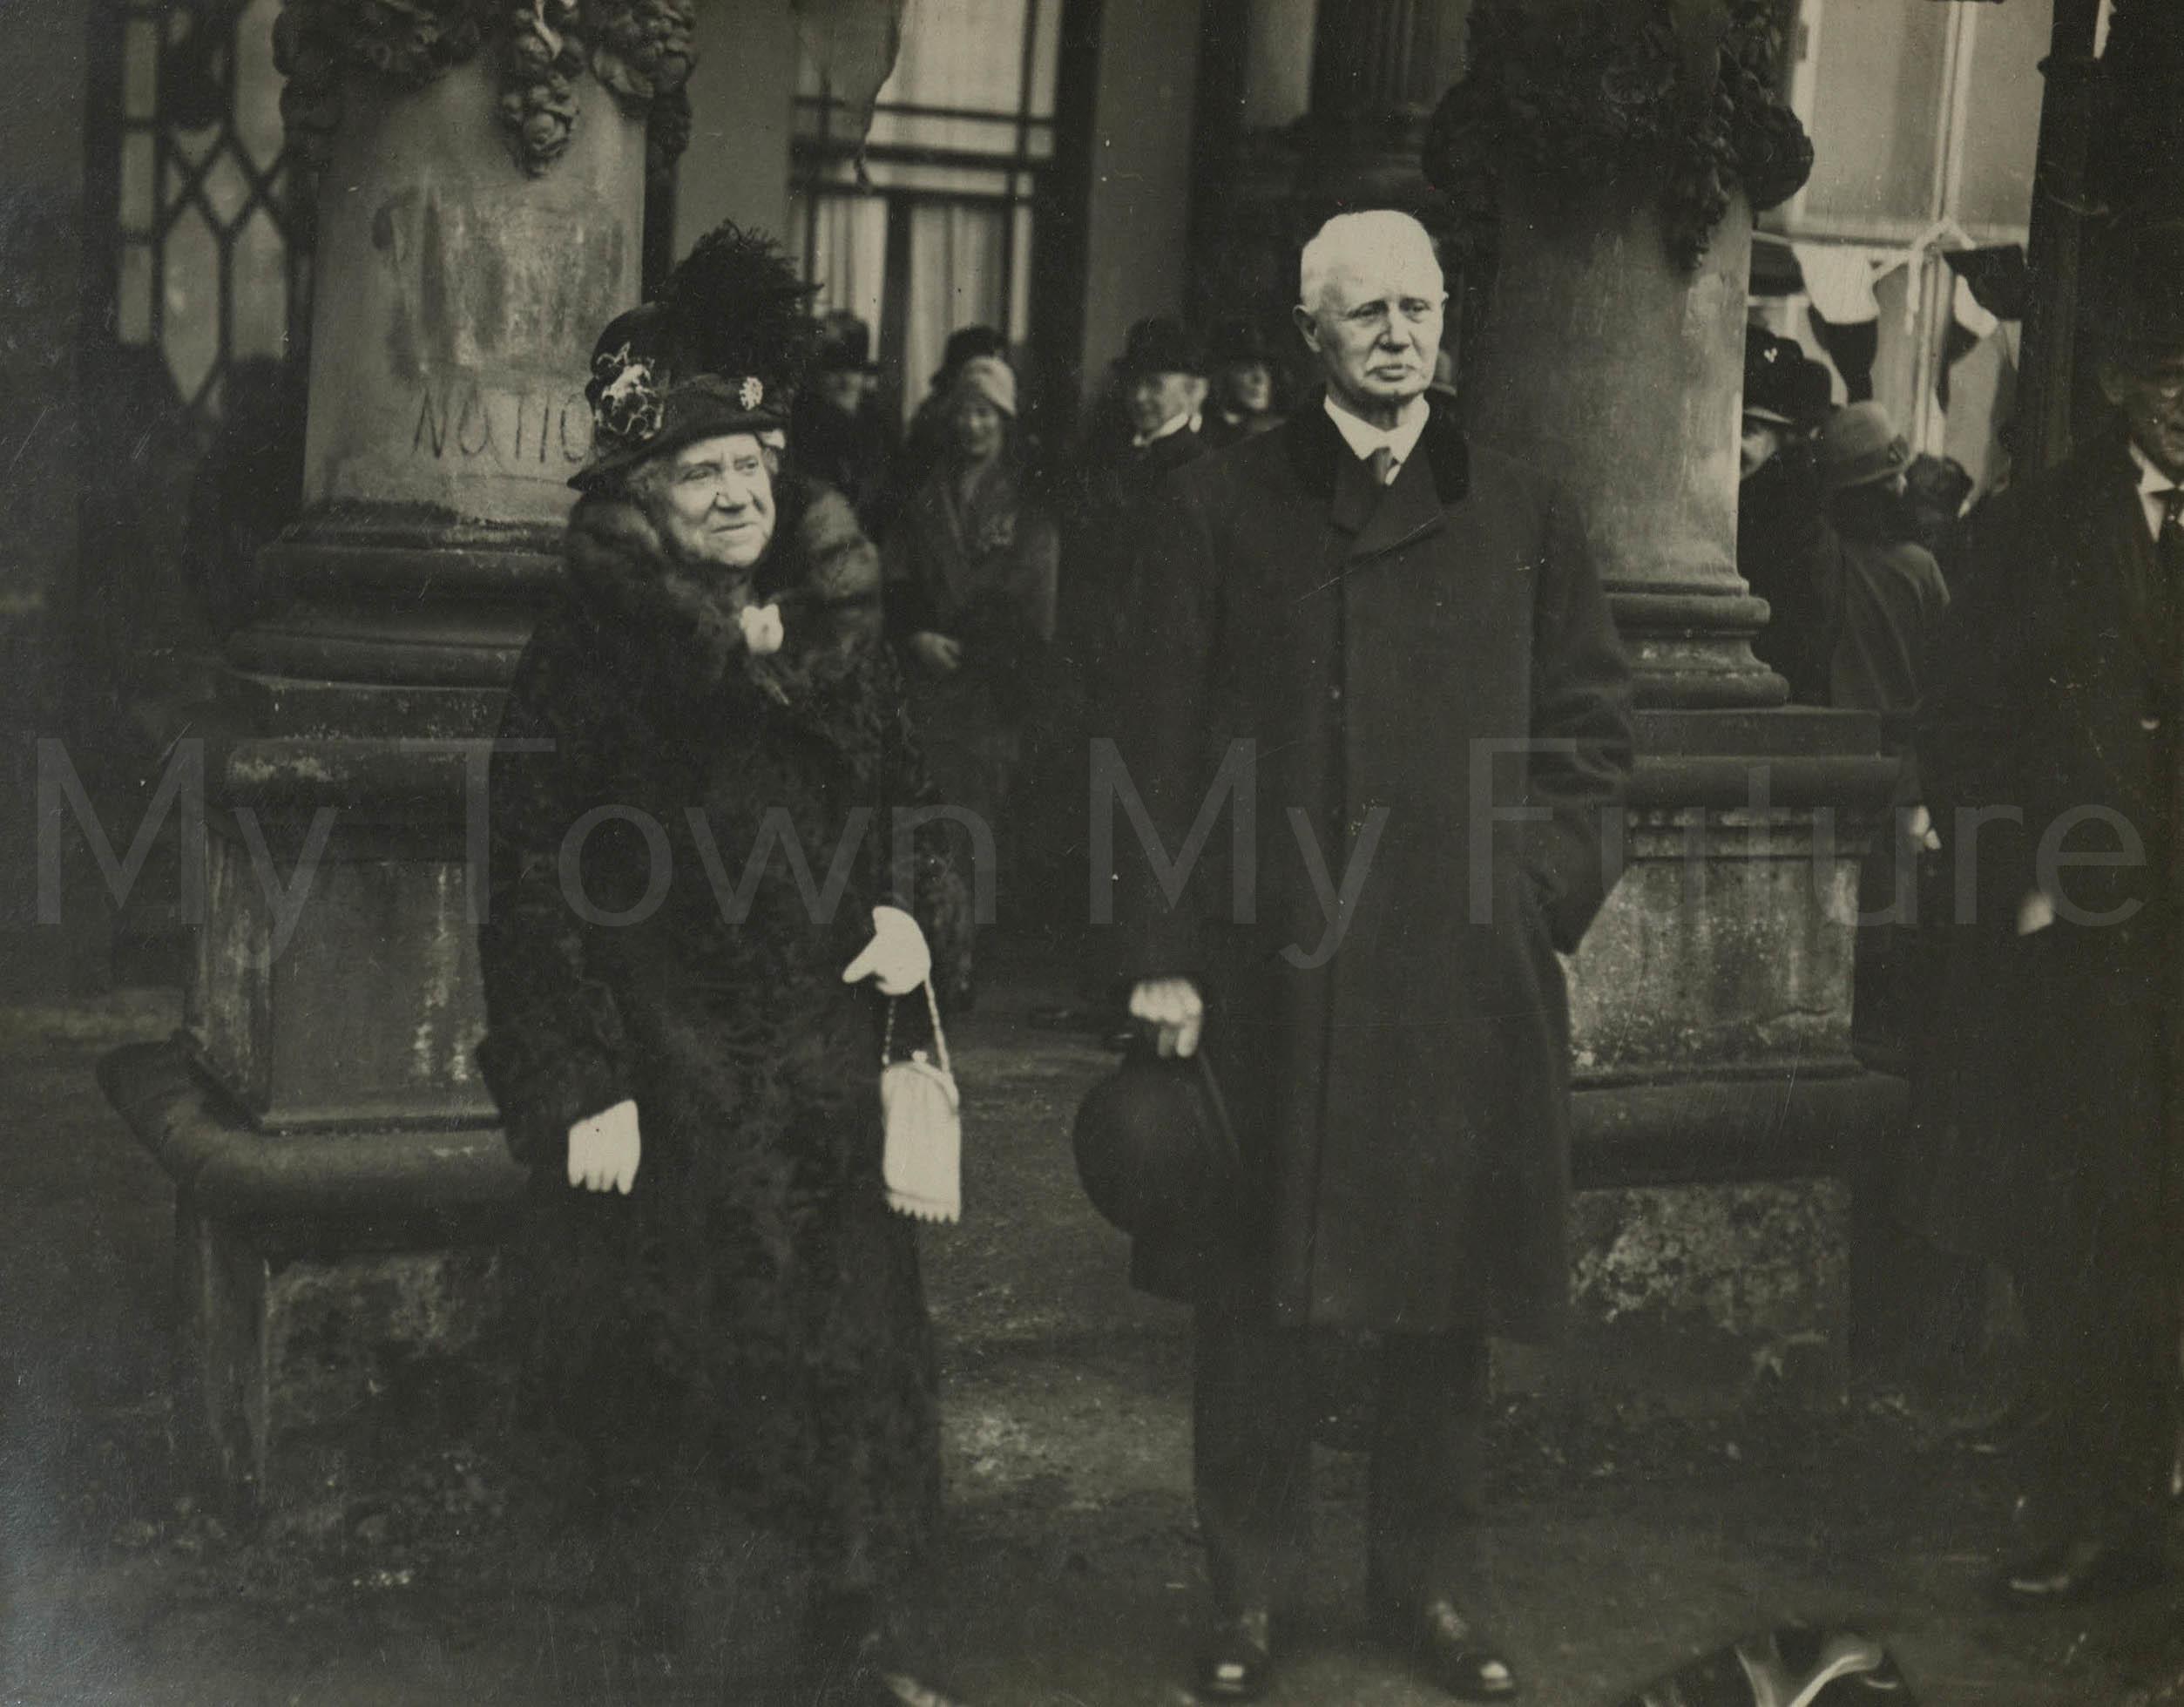 Stewart Park - Opening by Coun & Mrs T.D. Stewart, 23rd May 1928 - Evening Gazette